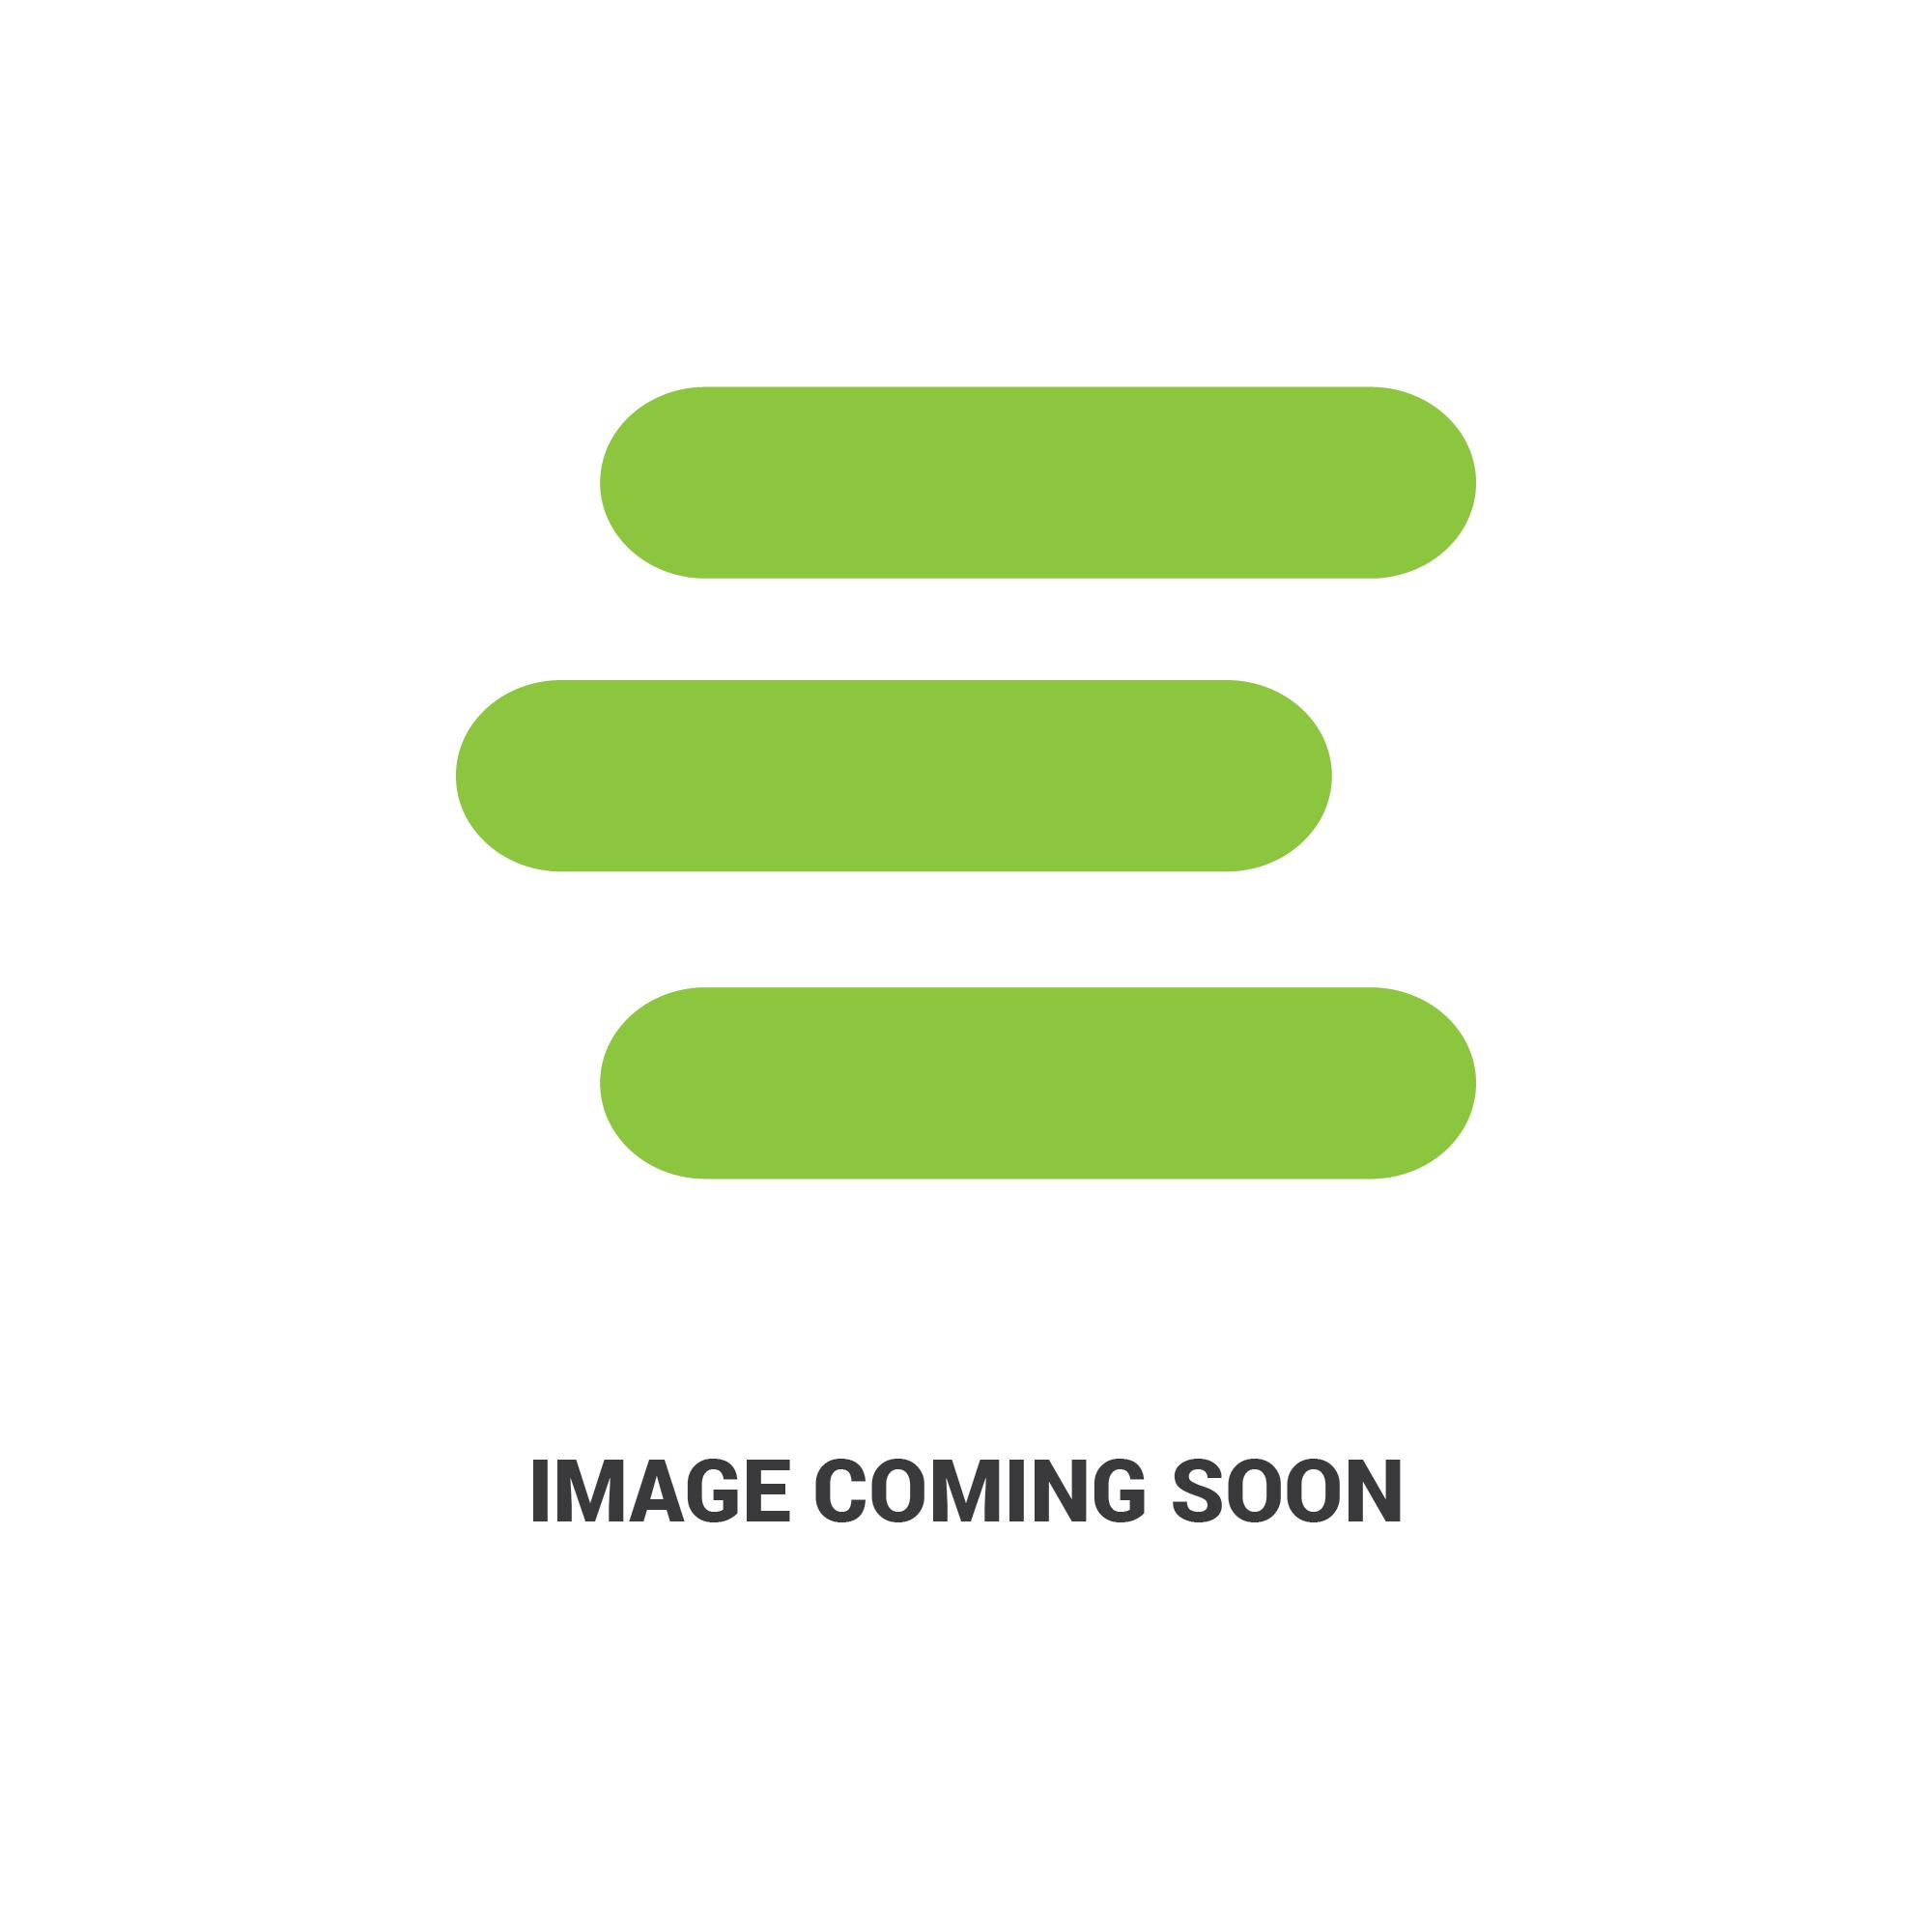 E-AM1441962213_10.jpg